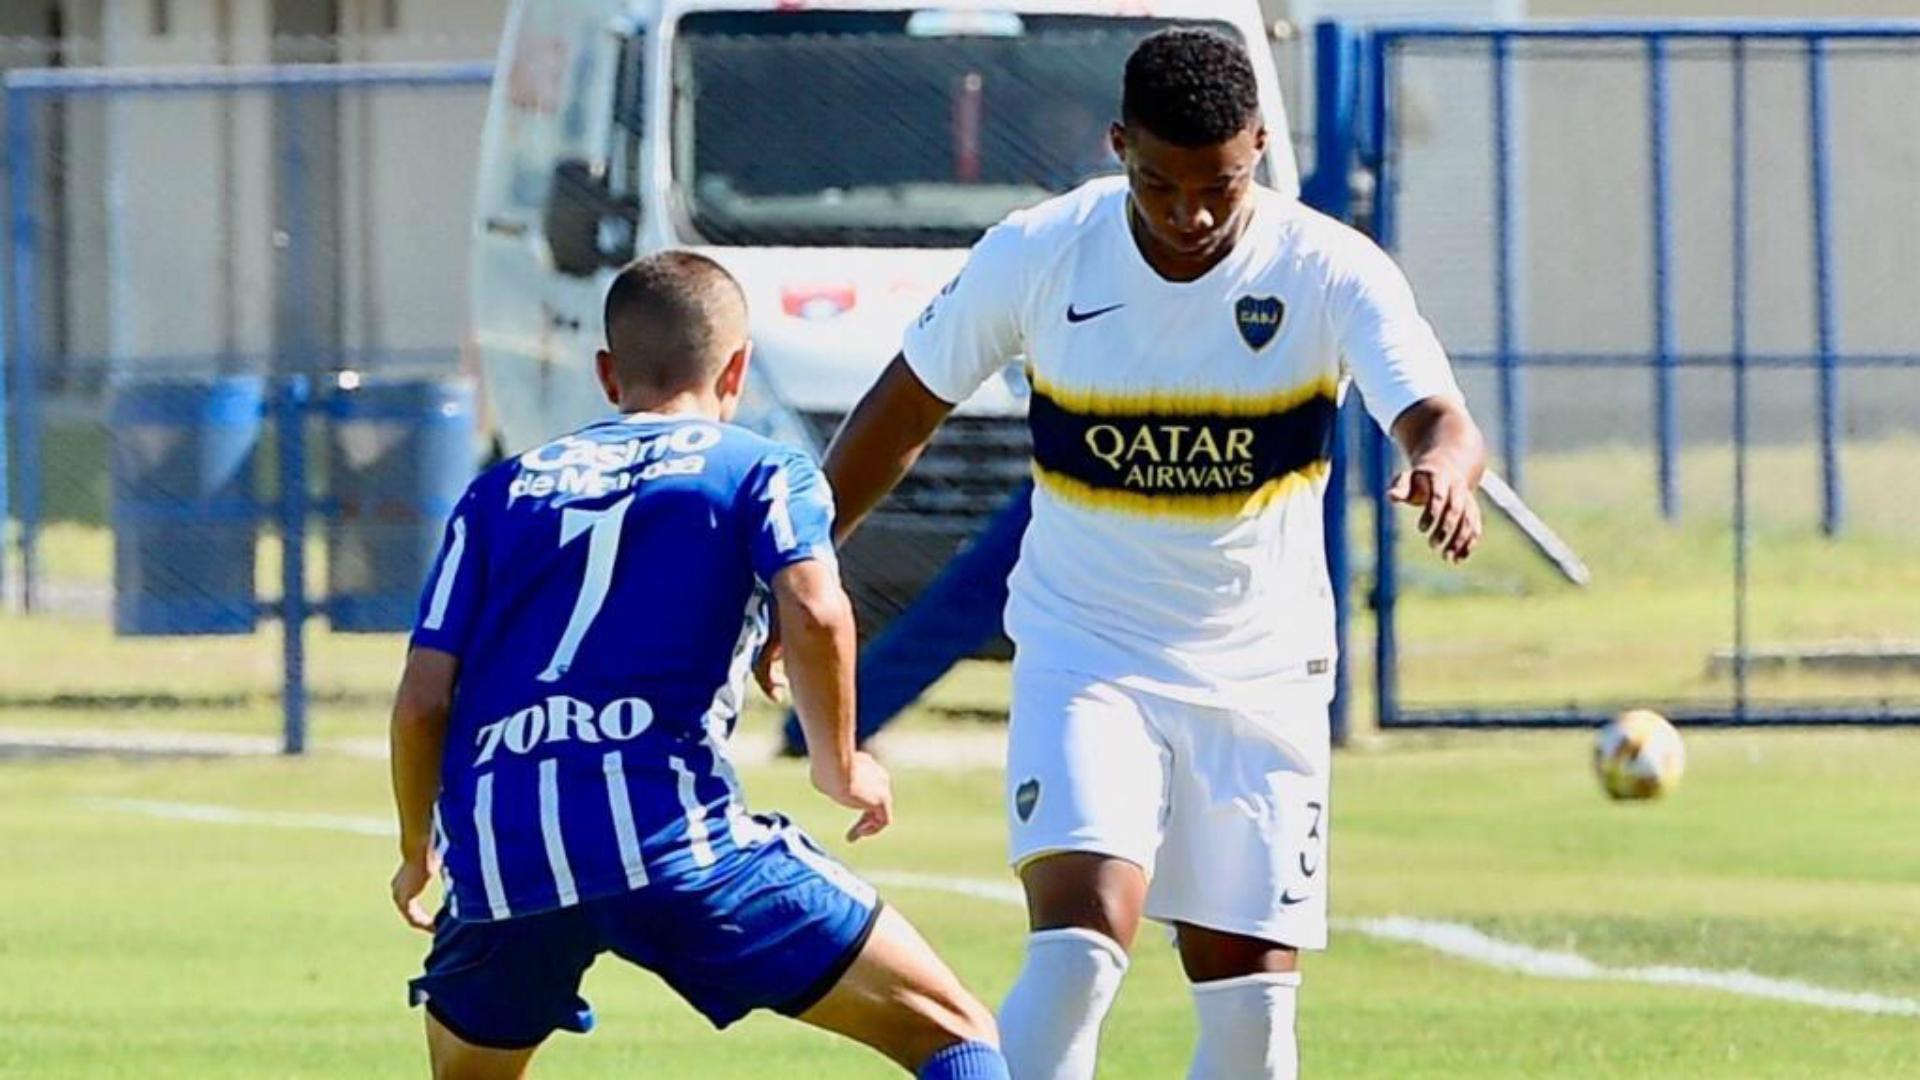 Fabra volvió a jugar en la reserva de Boca, tras su lesión